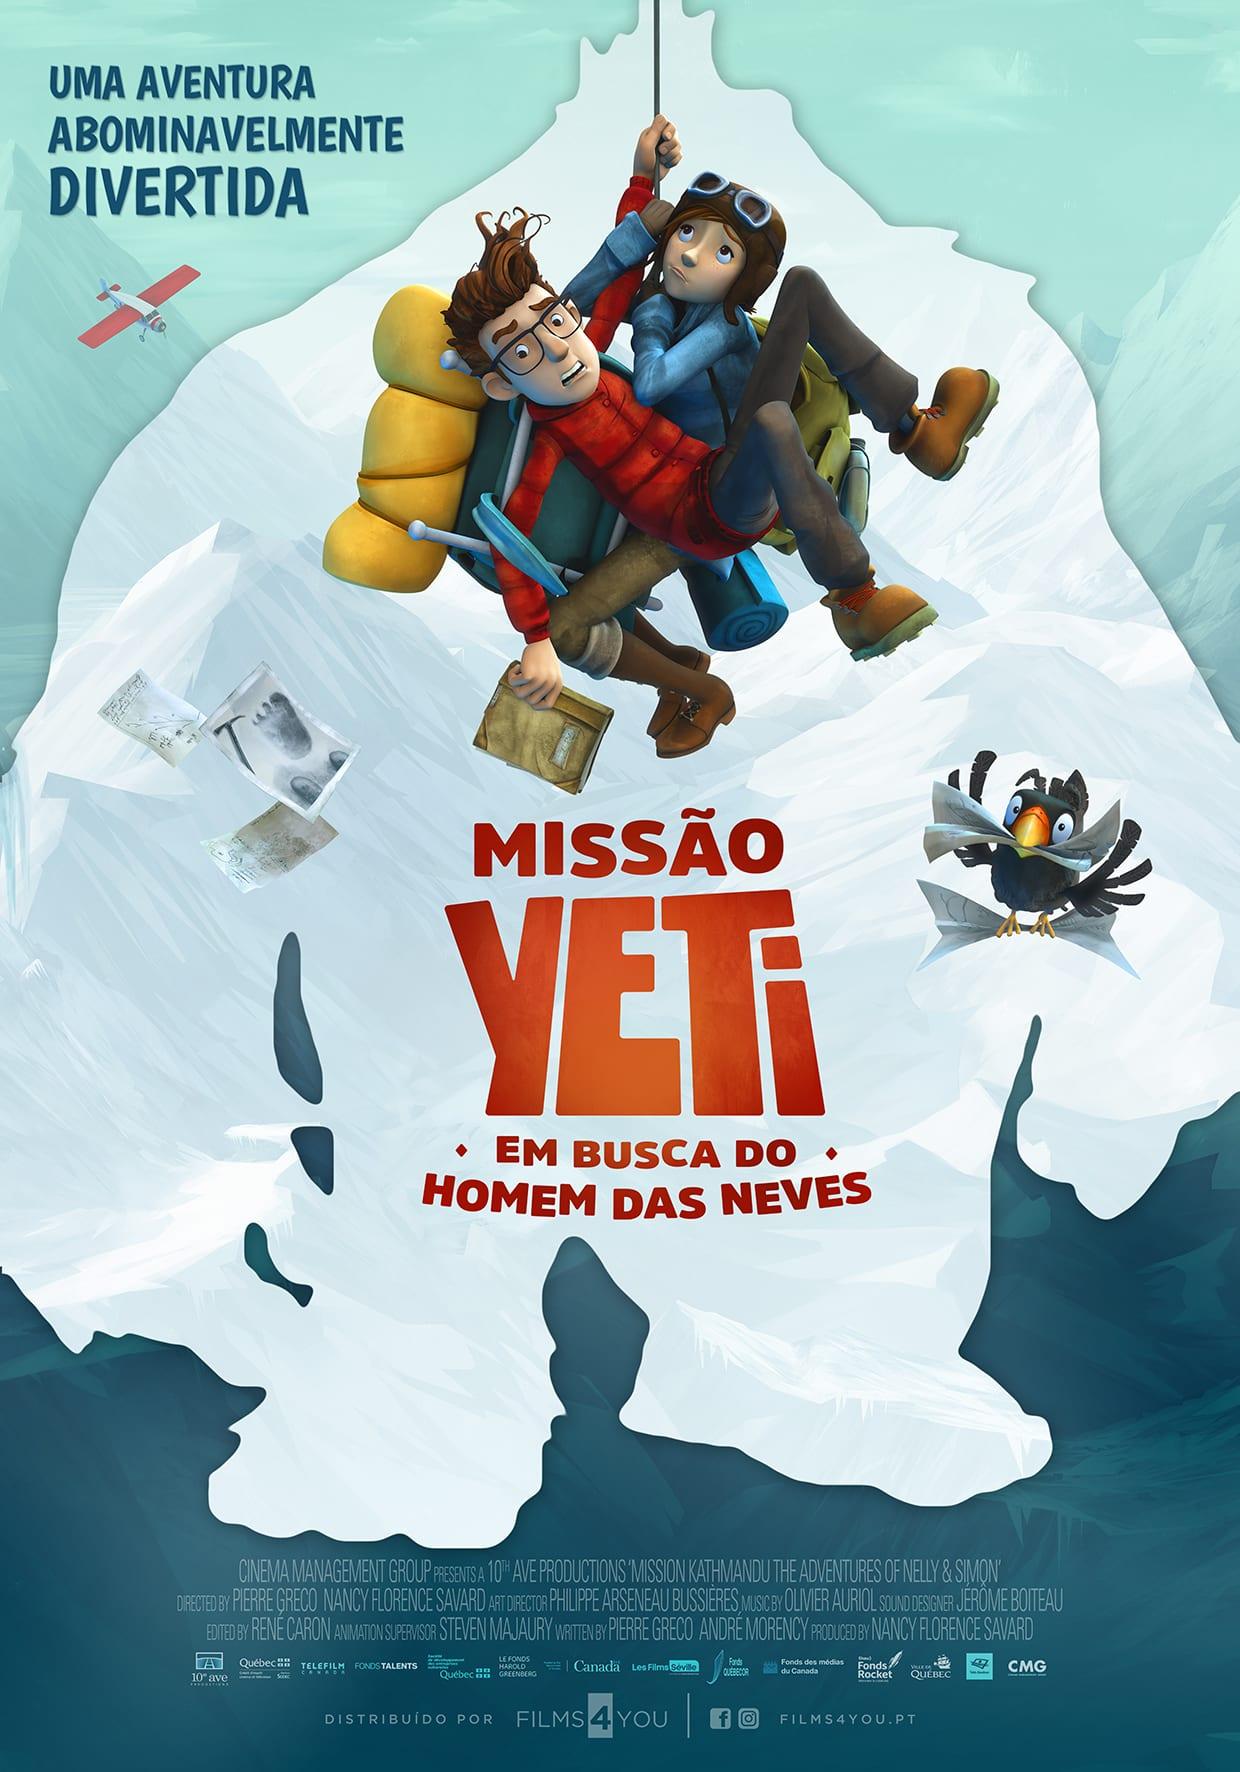 Missão Yeti